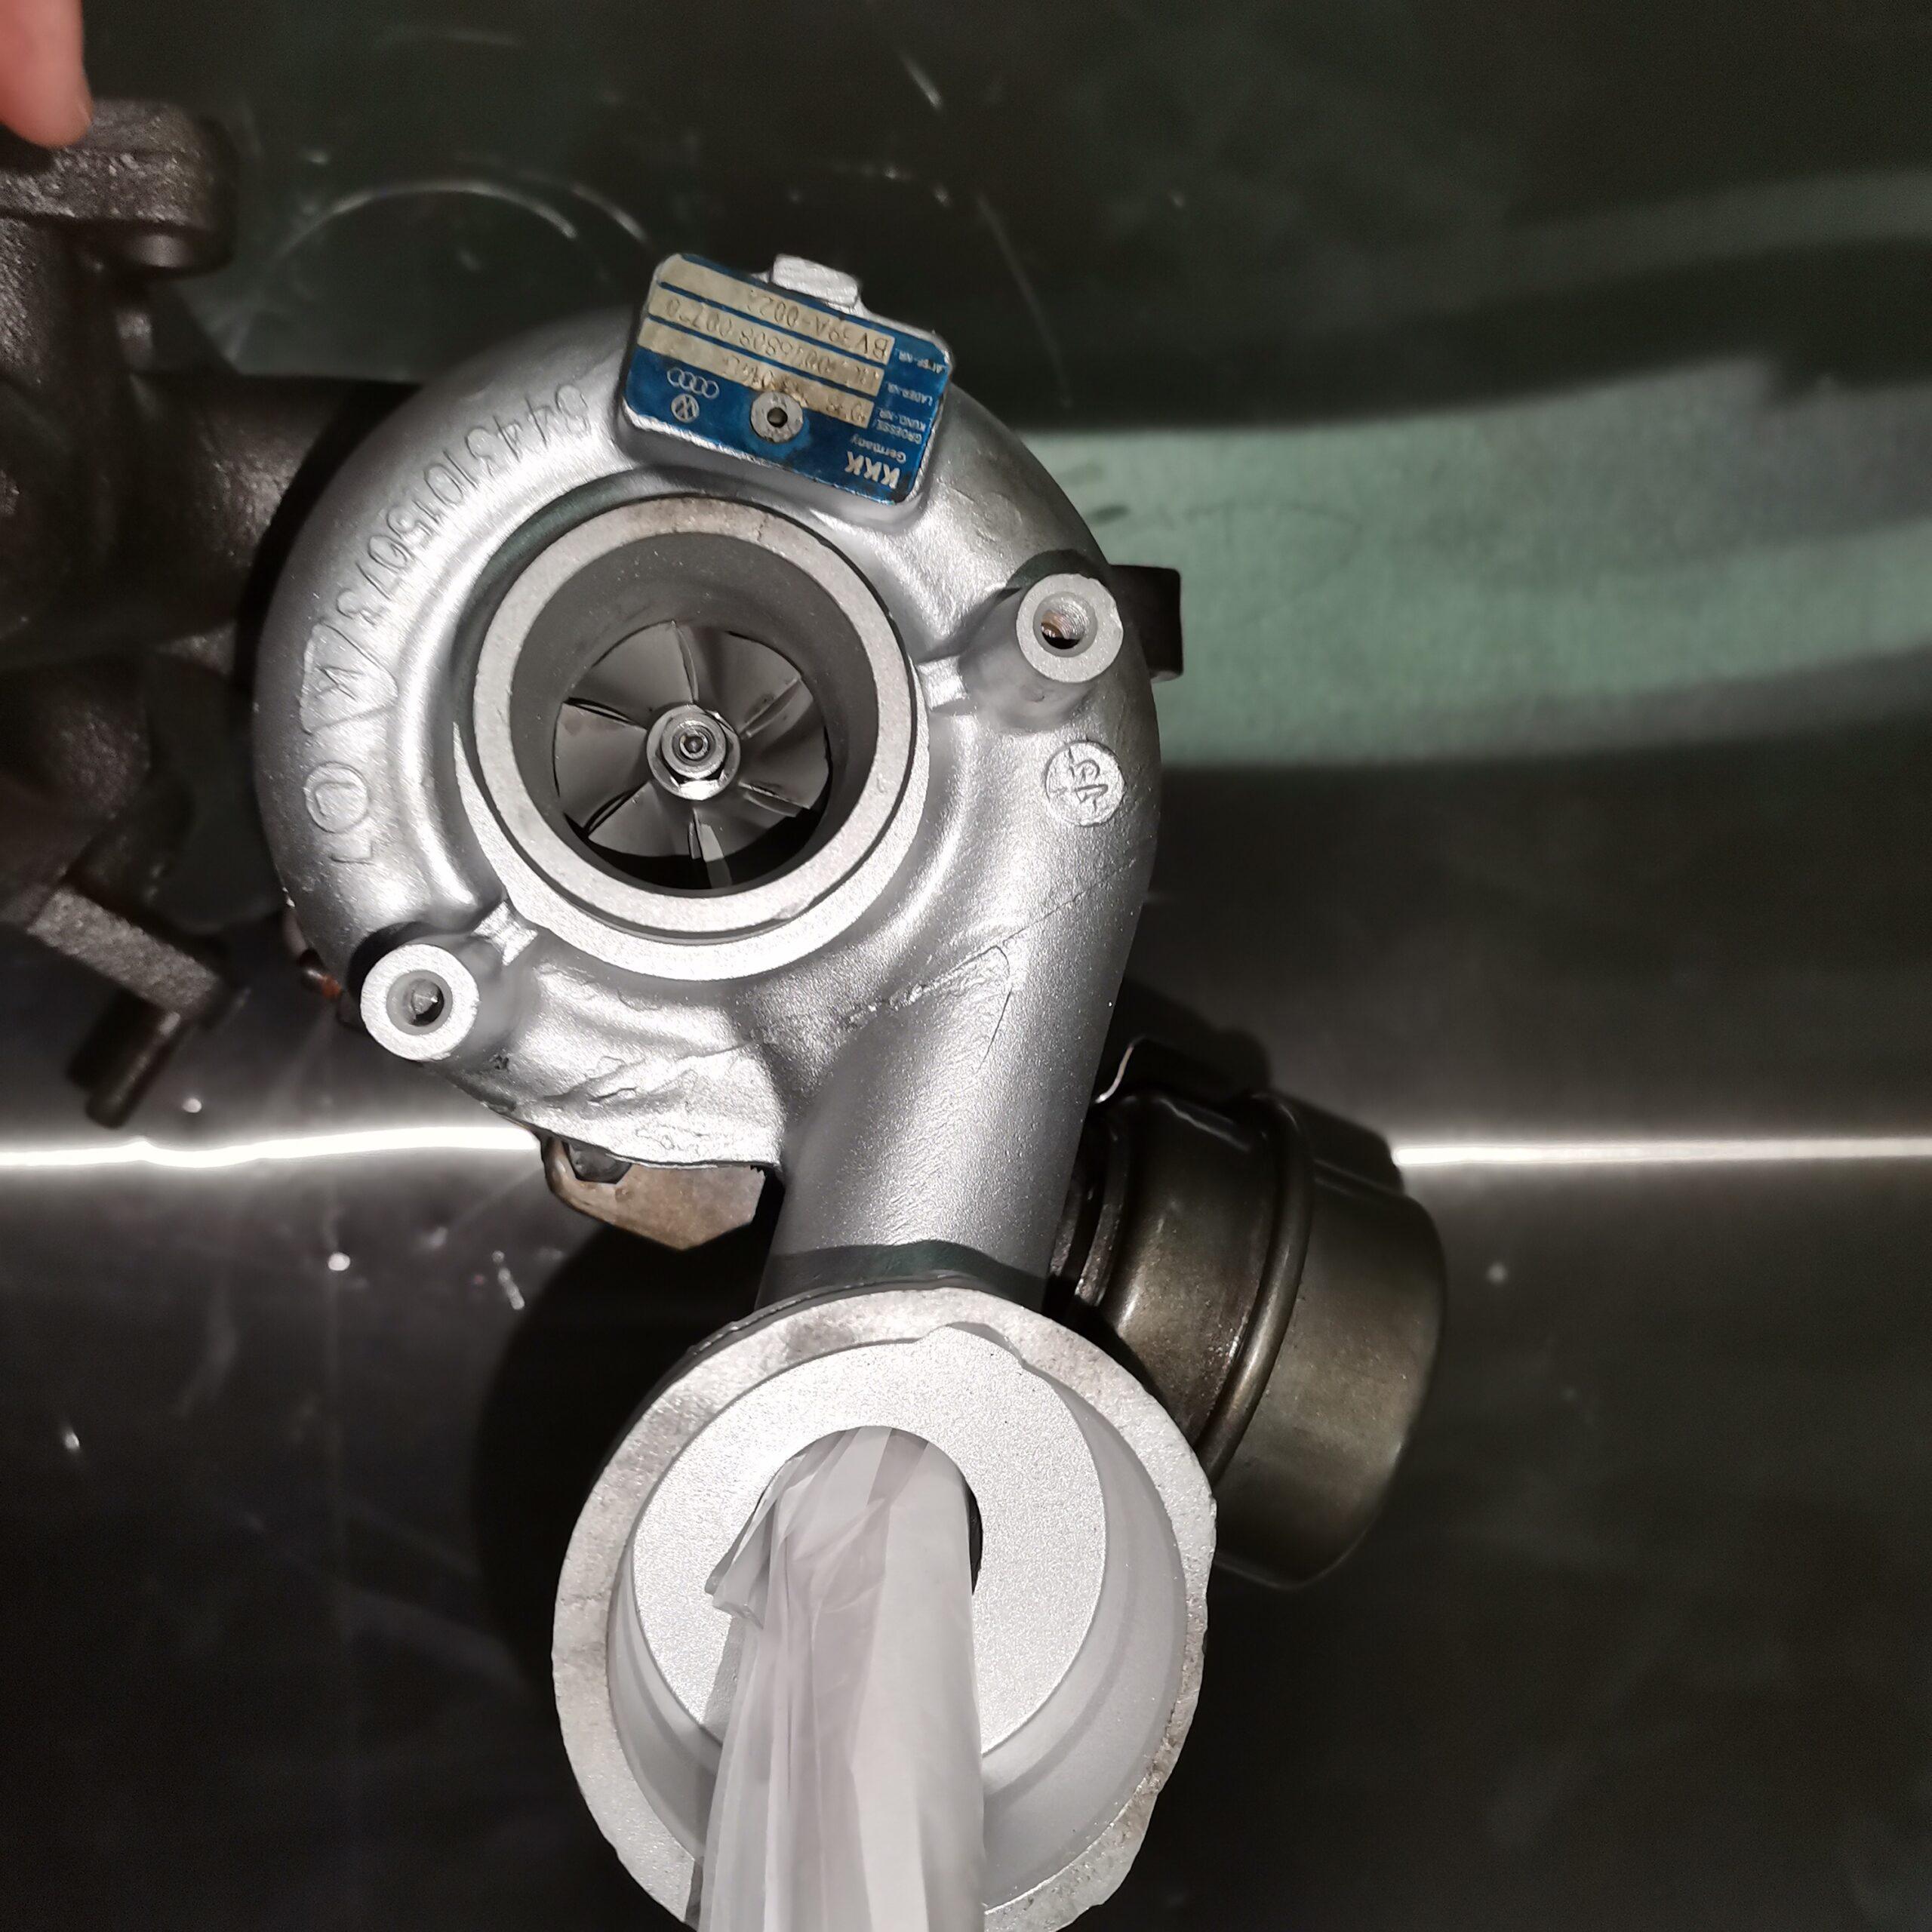 Ремонт турбины для Volkswagen Passat B6 1.9 TDI